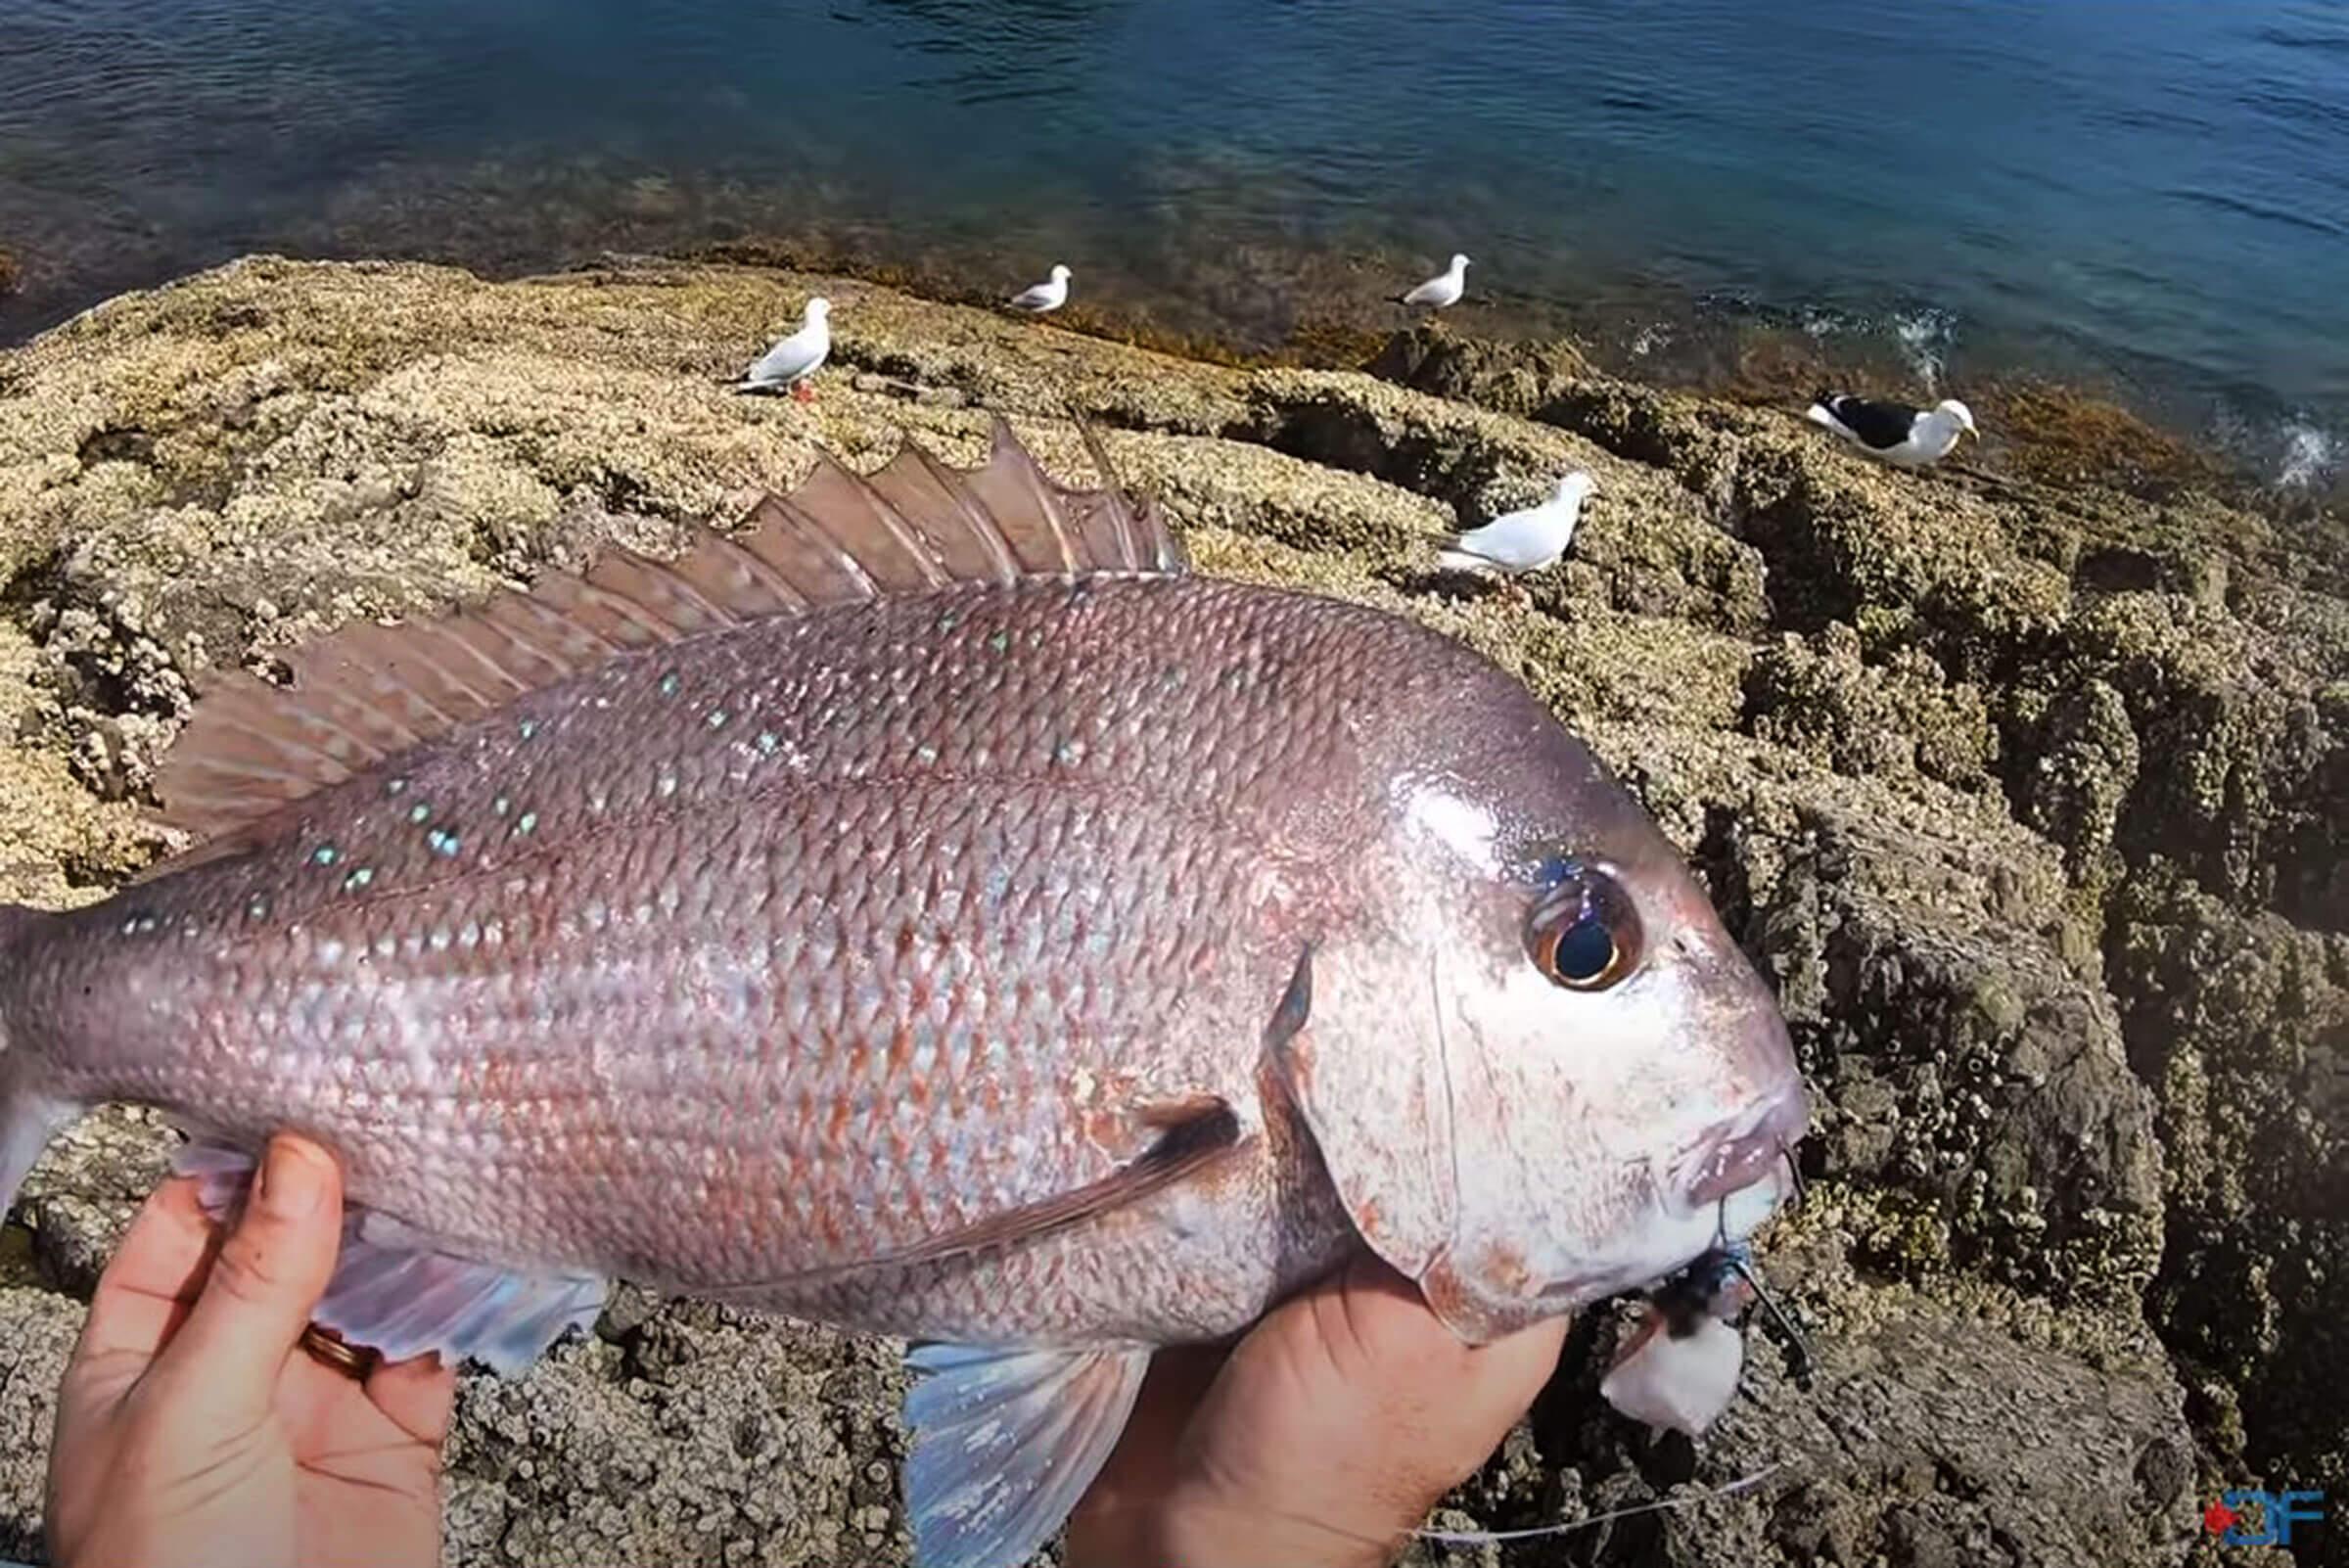 Digital Fish: January